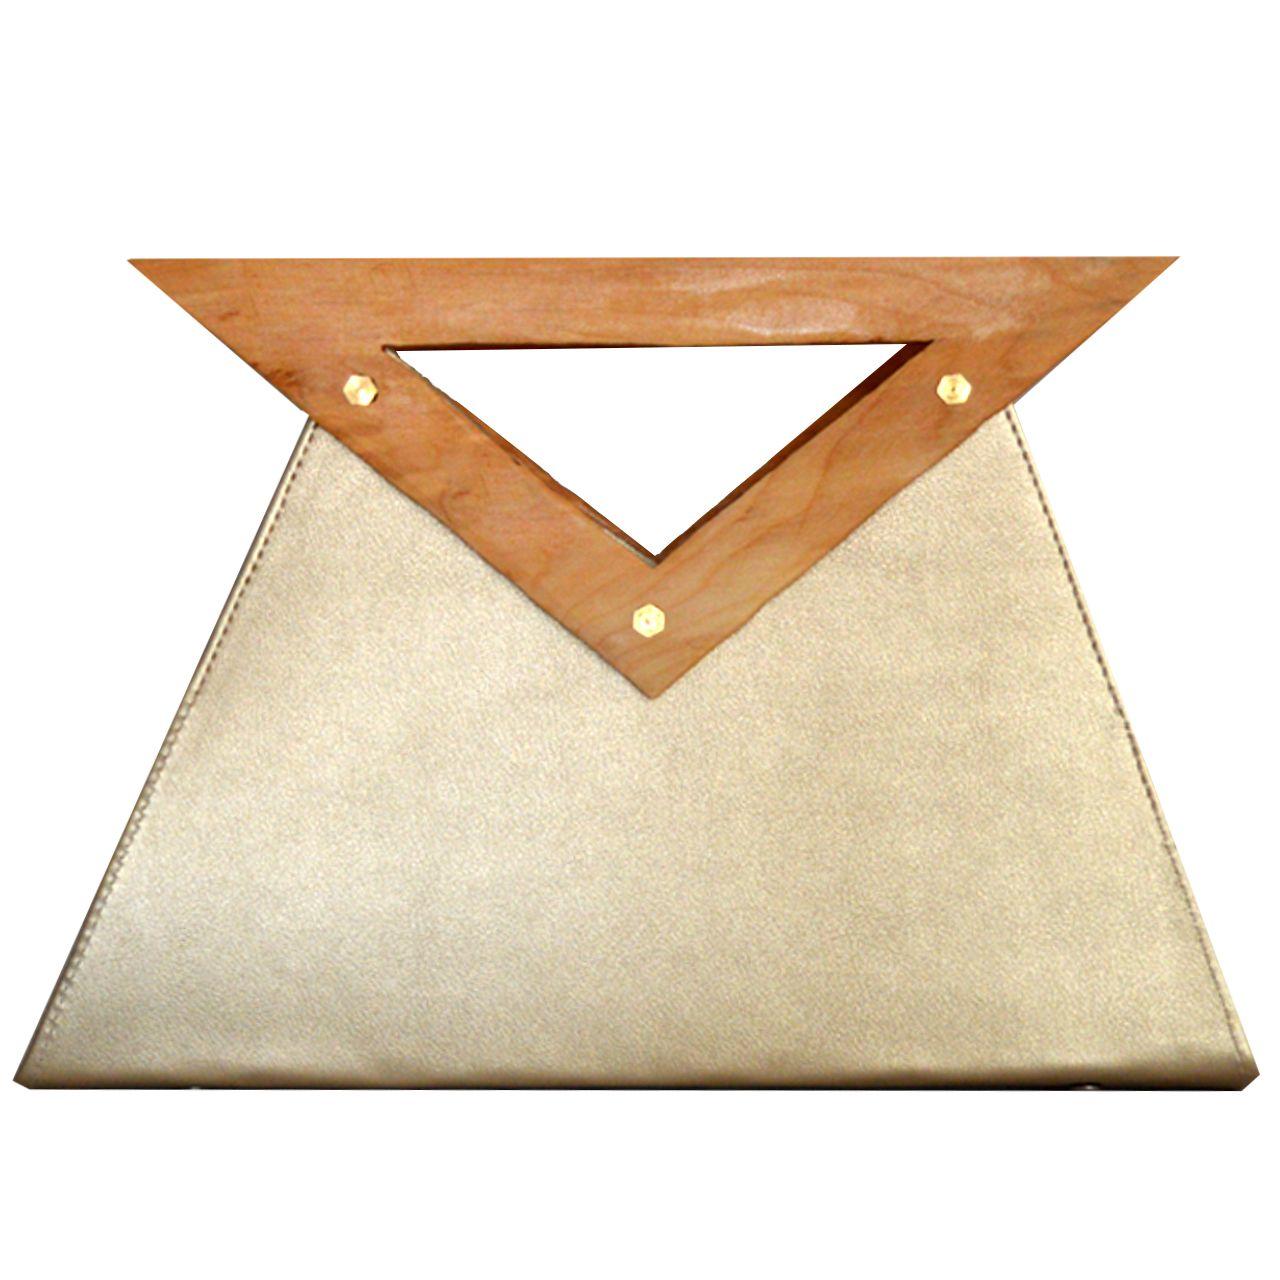 کیف زنانه دالاوین مدل دسته چوبی -  - 8